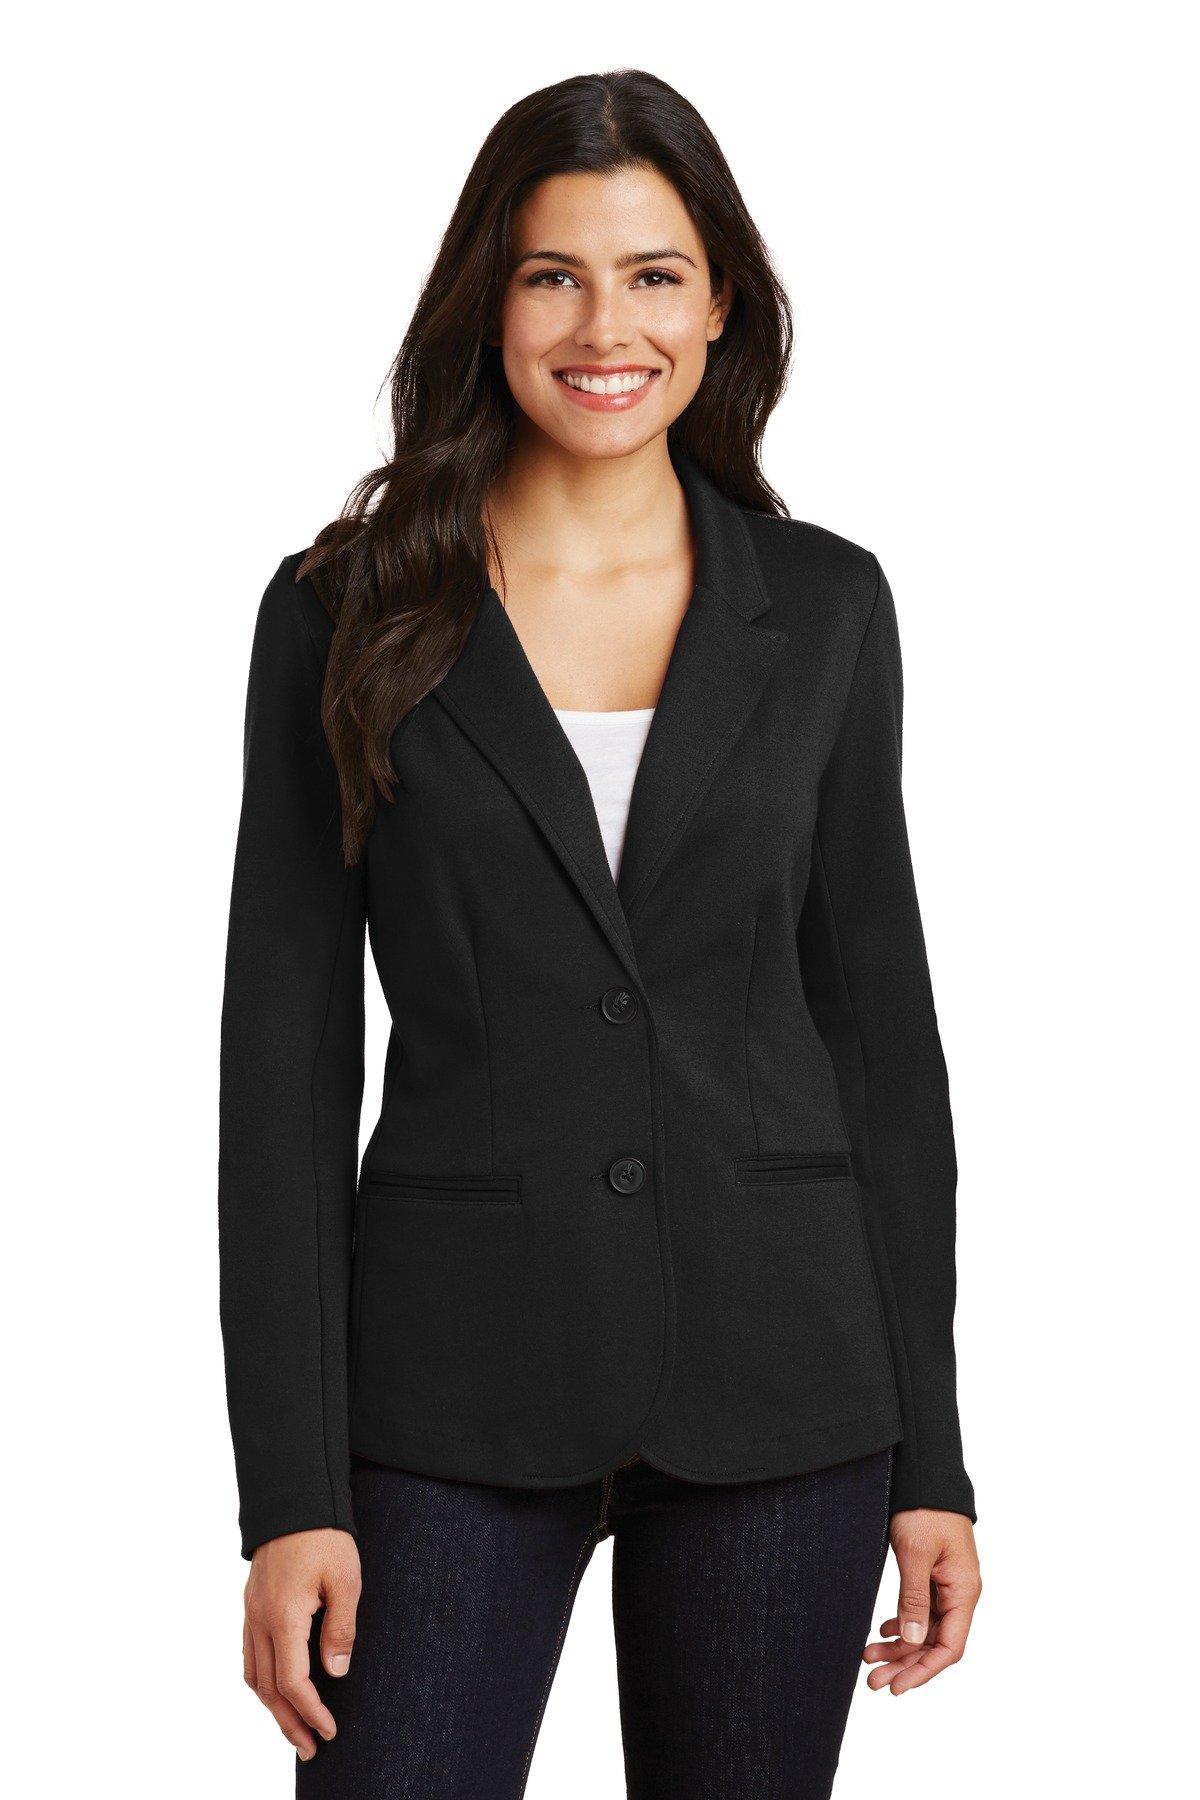 Port Authority Women's Knit Blazer LM2000 Black XL